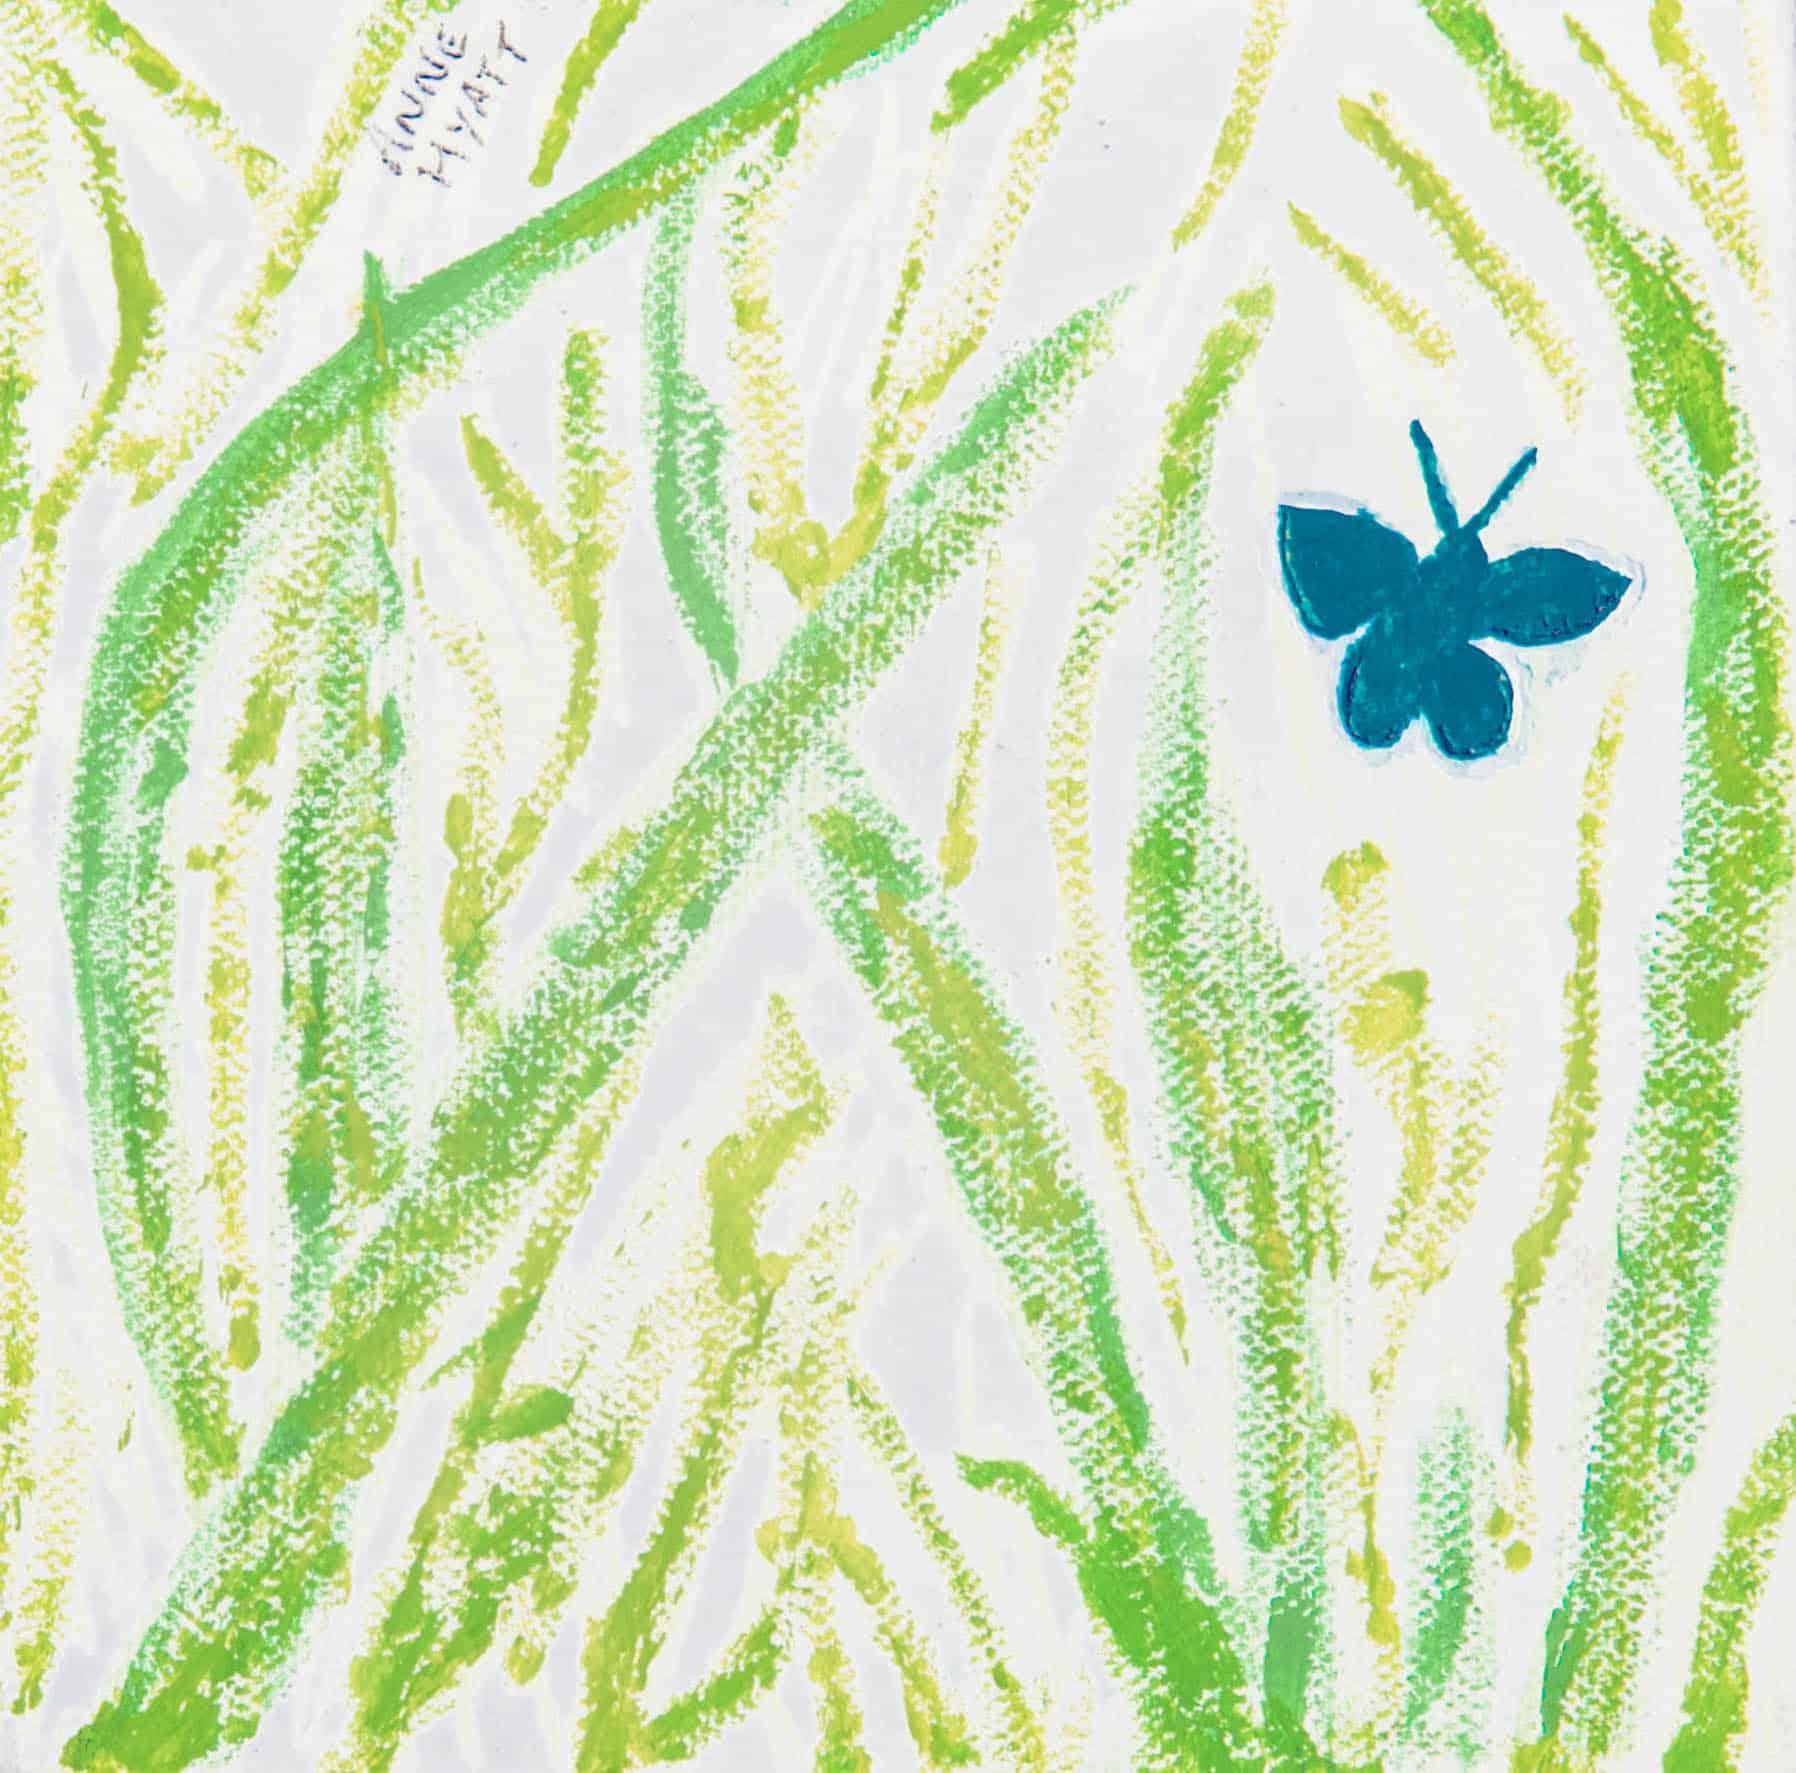 Grassland Artwork